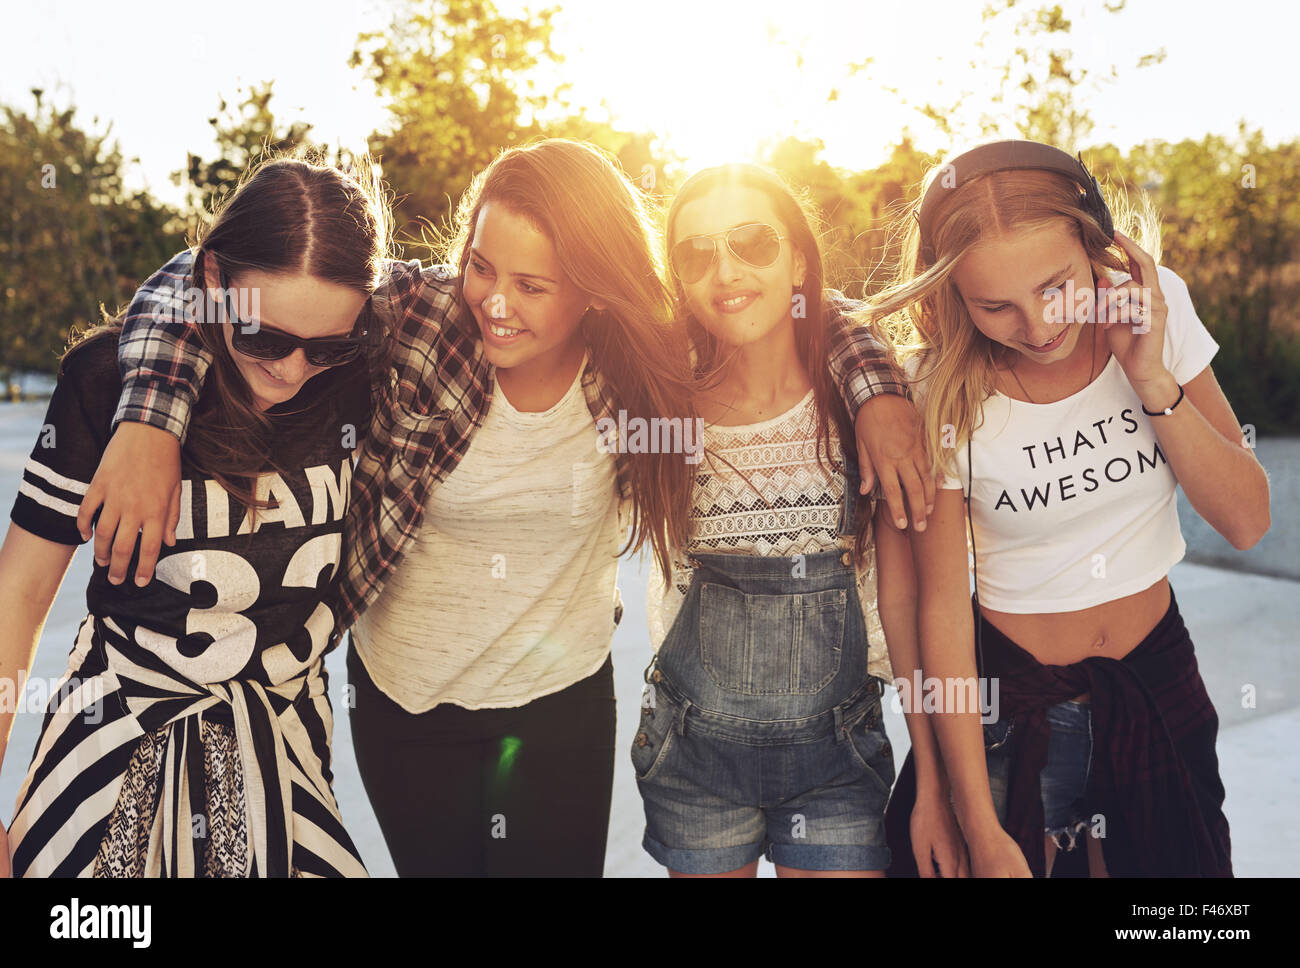 Grupo og adolescentes caminando por las calles y riendo Imagen De Stock